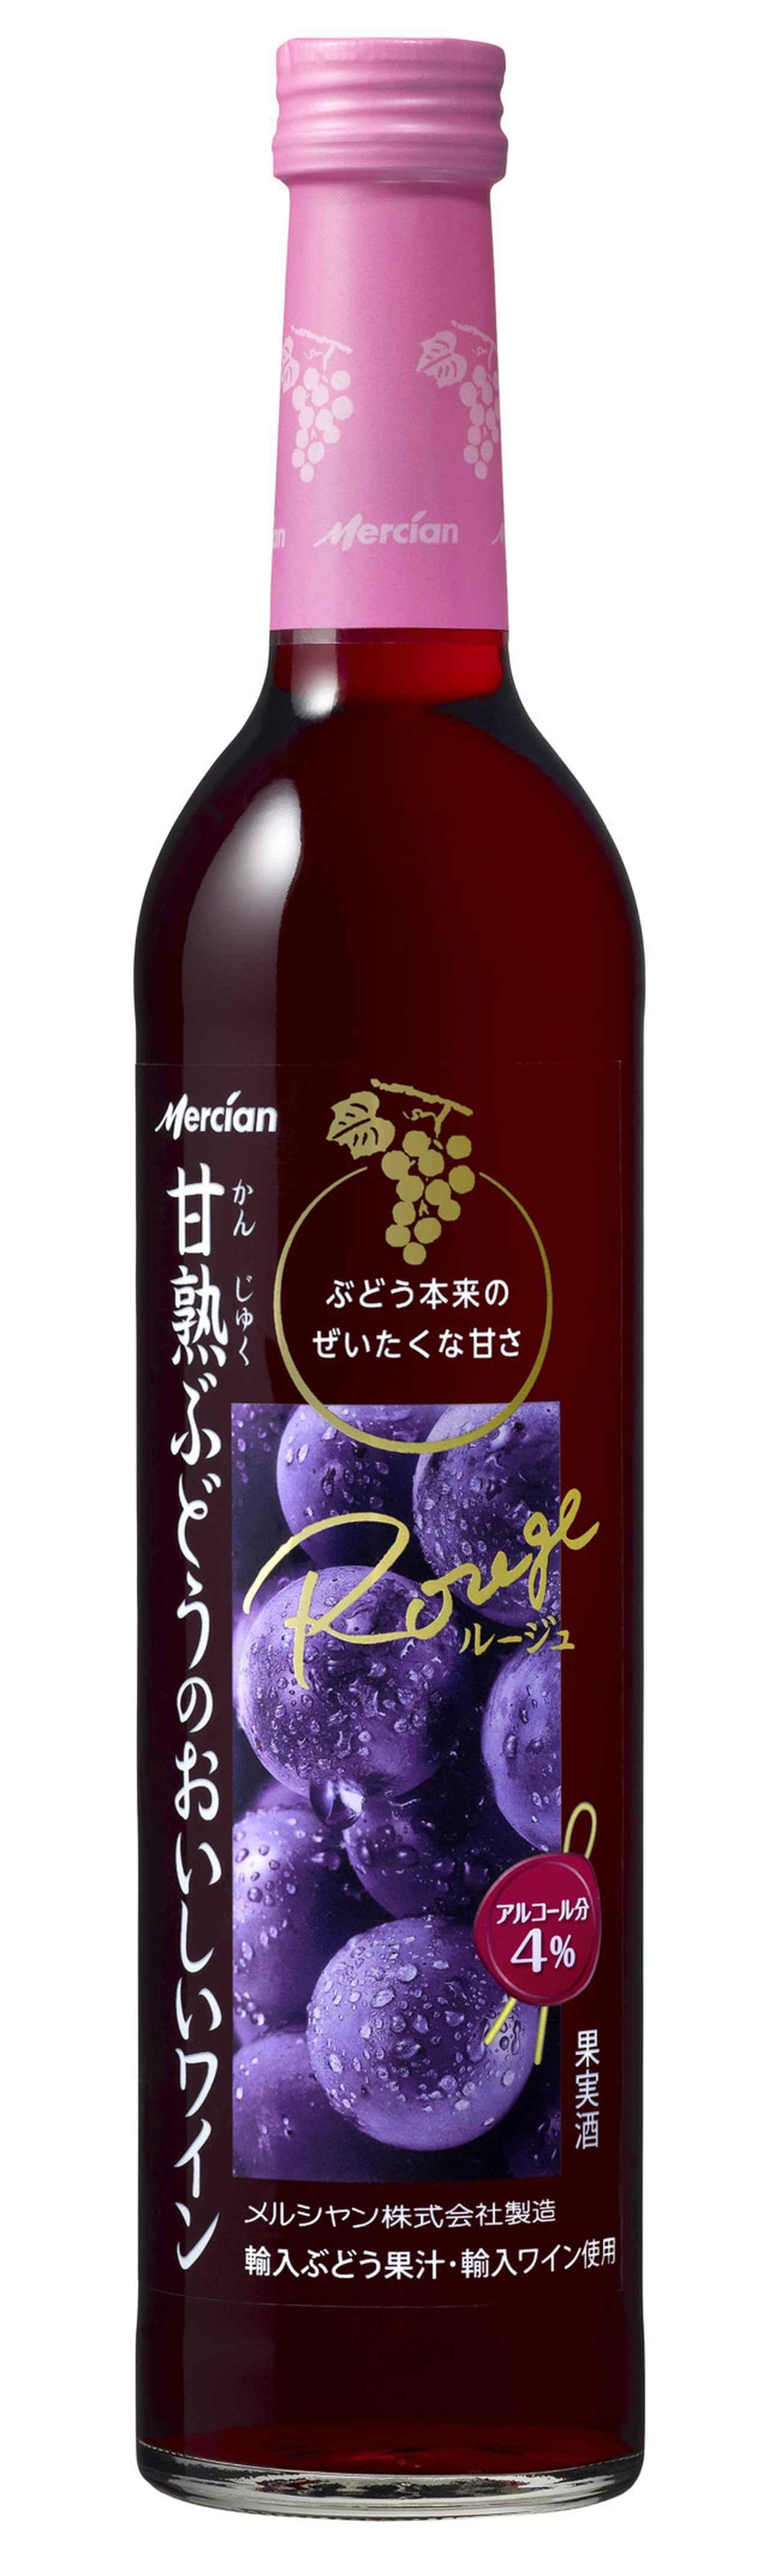 画像3: ワイン冷えてます おうちでぜひ! ~その1「冷やして美味しいワイン編」~